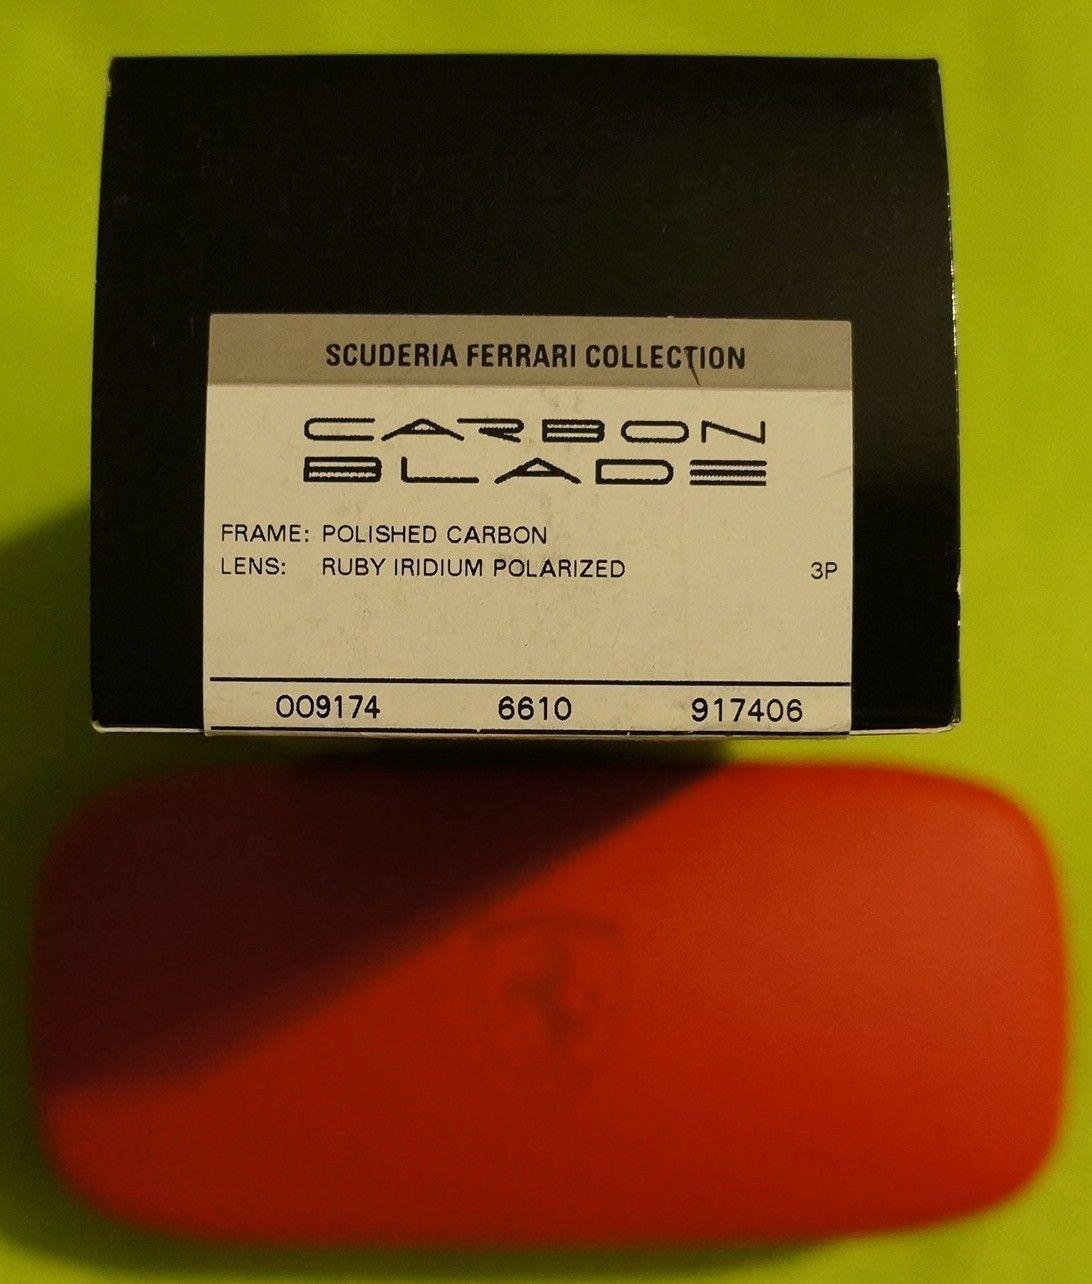 Ferrari Carbon Blades - BNIB - $OLD! - 3xgSRB.jpg